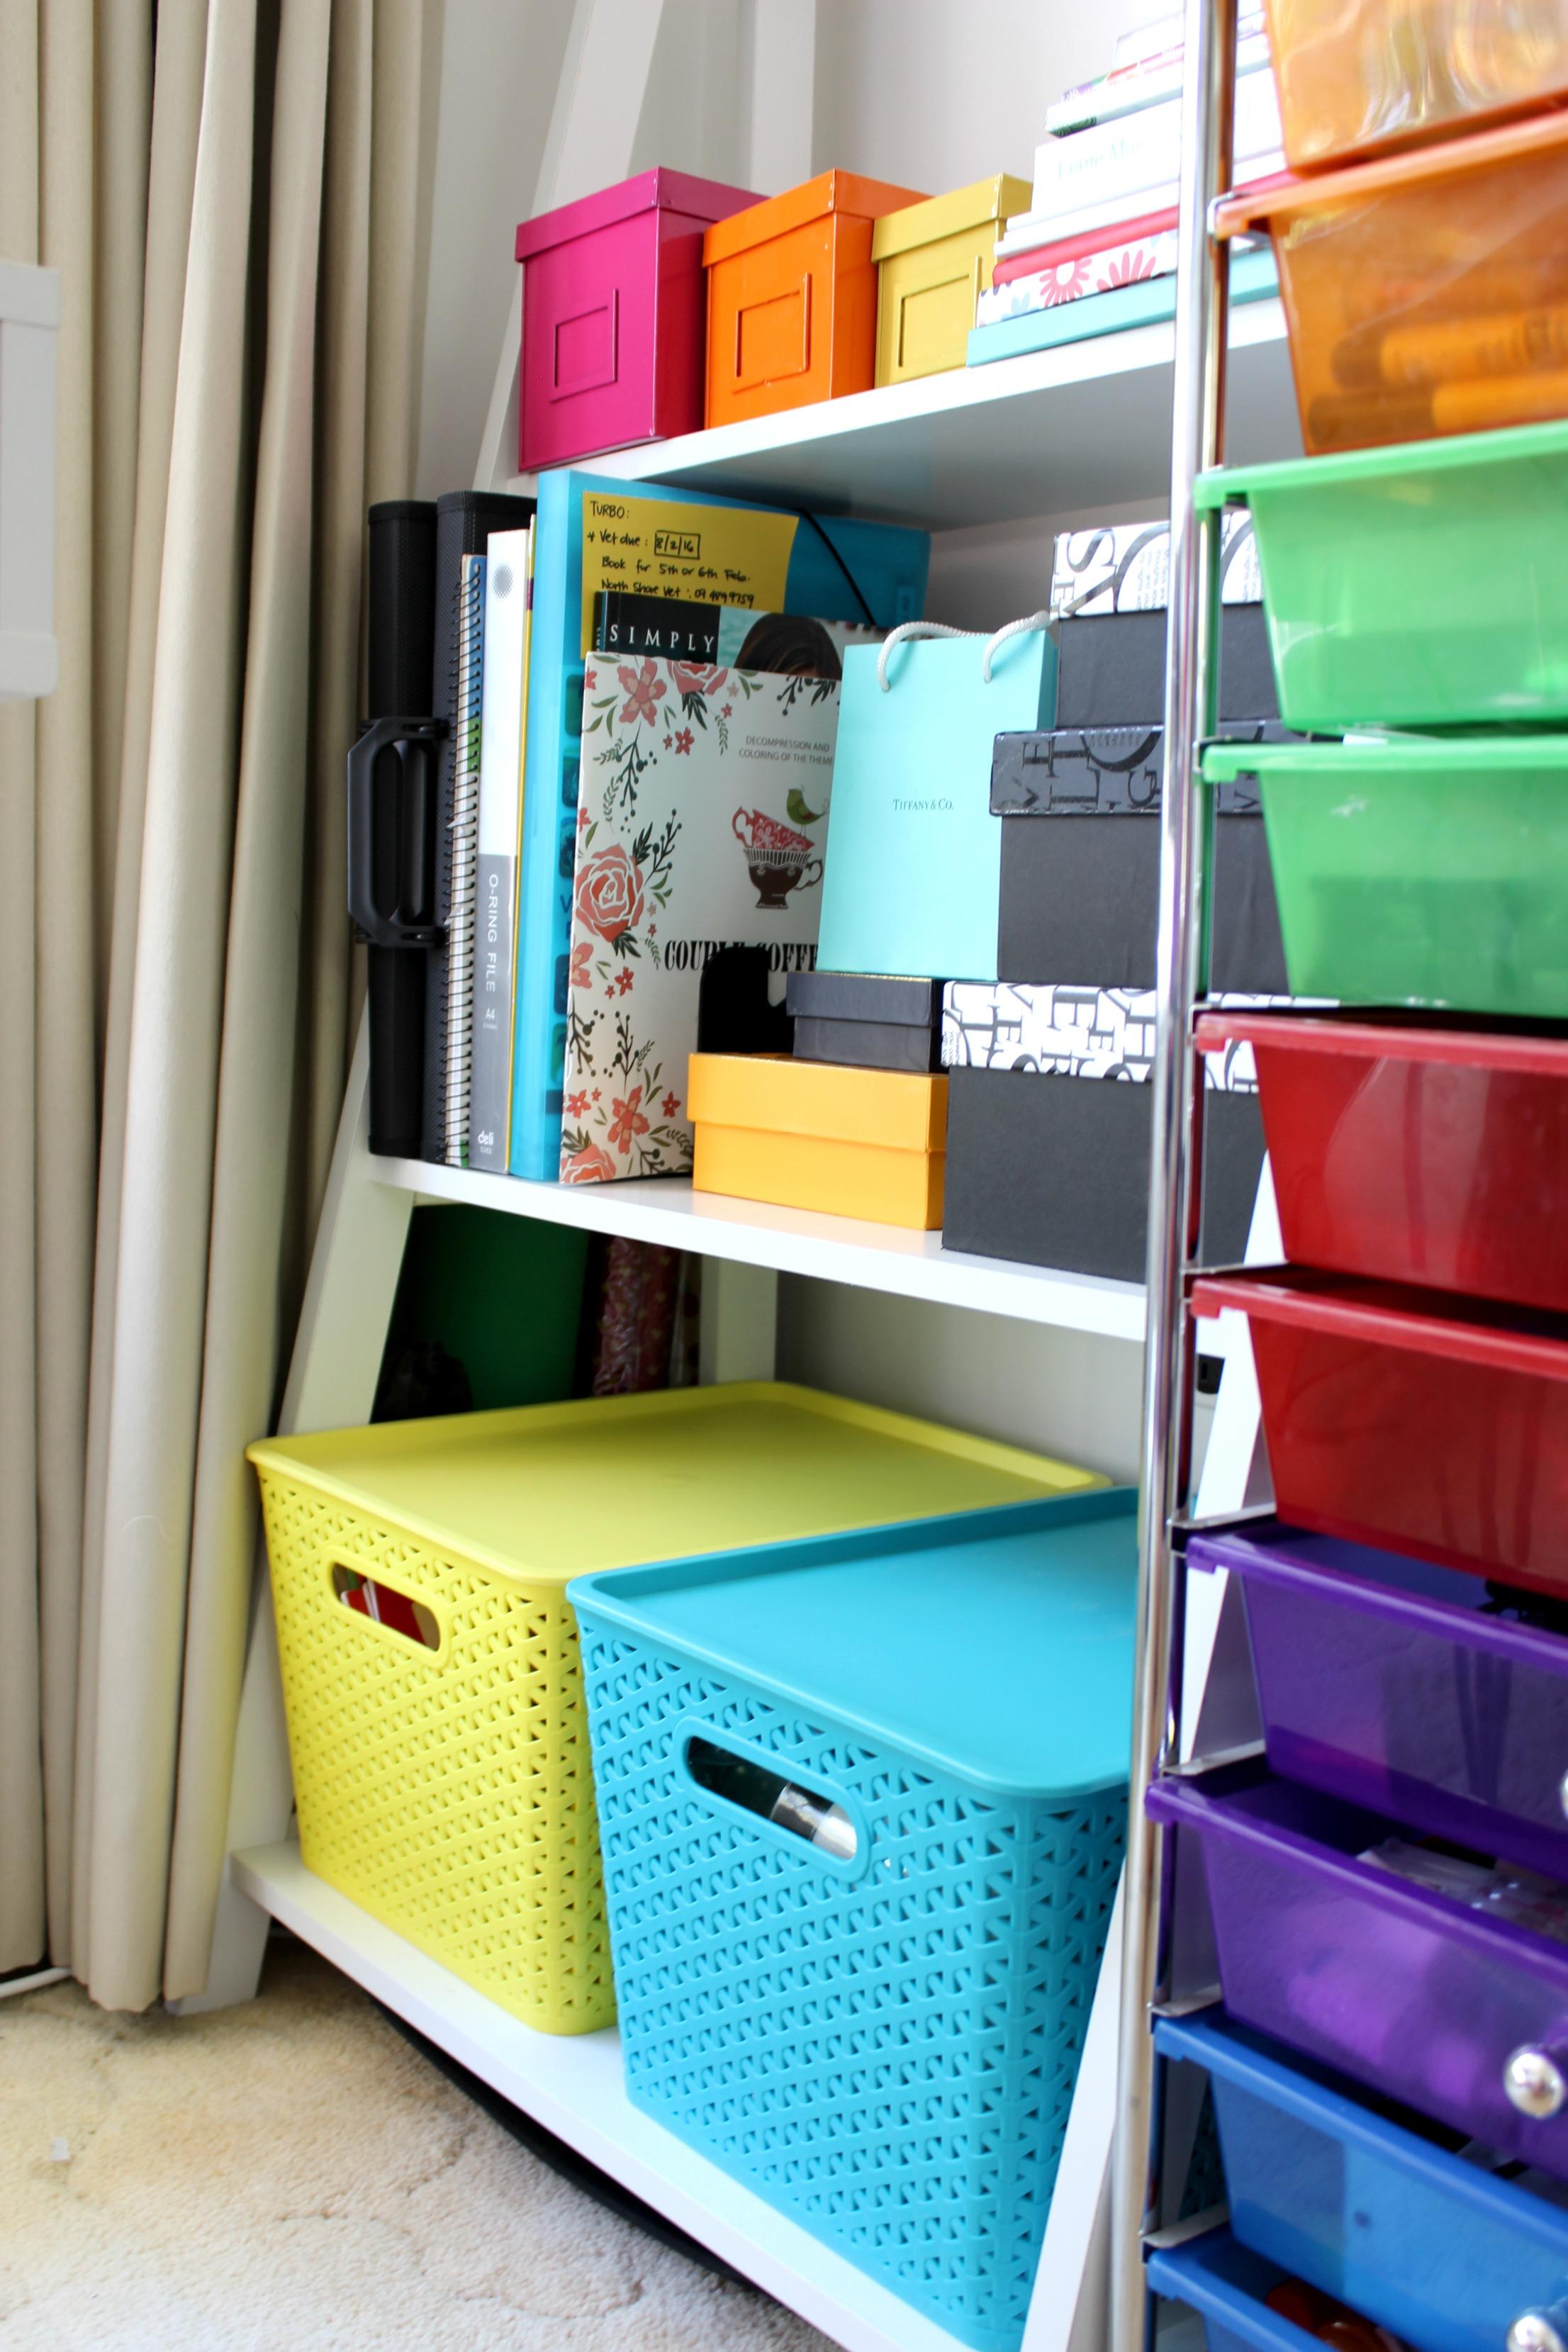 Industrial Ladder Bookshelf Kmart Toys Furniture - induced.info